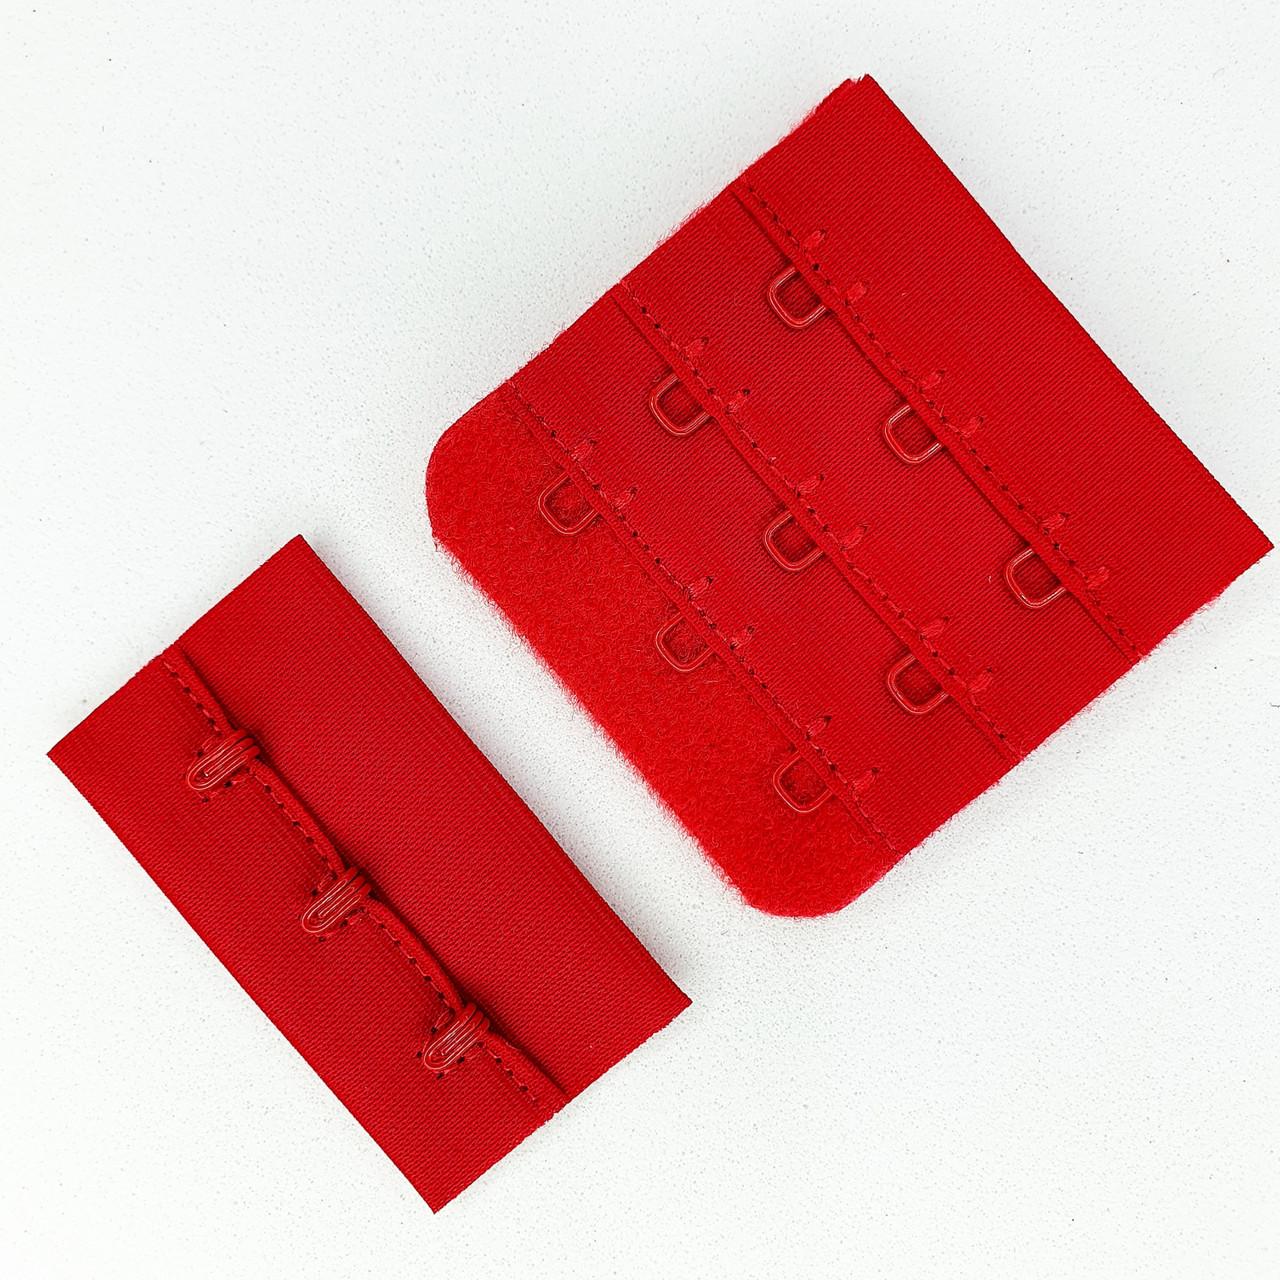 Подовжувач для бюстгальтера 3 гачка. Застібка бюстгальтера. Колір червоний (5шт)